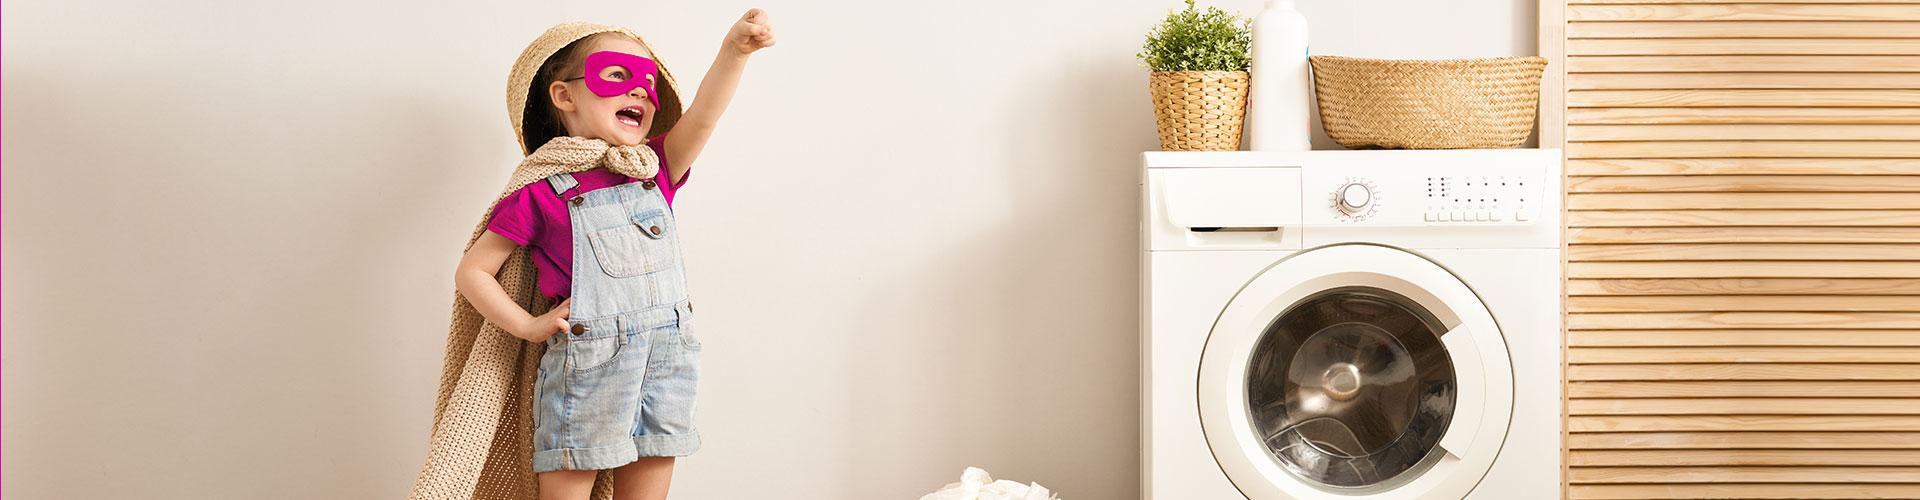 Wäscherei-Services von Zentratex